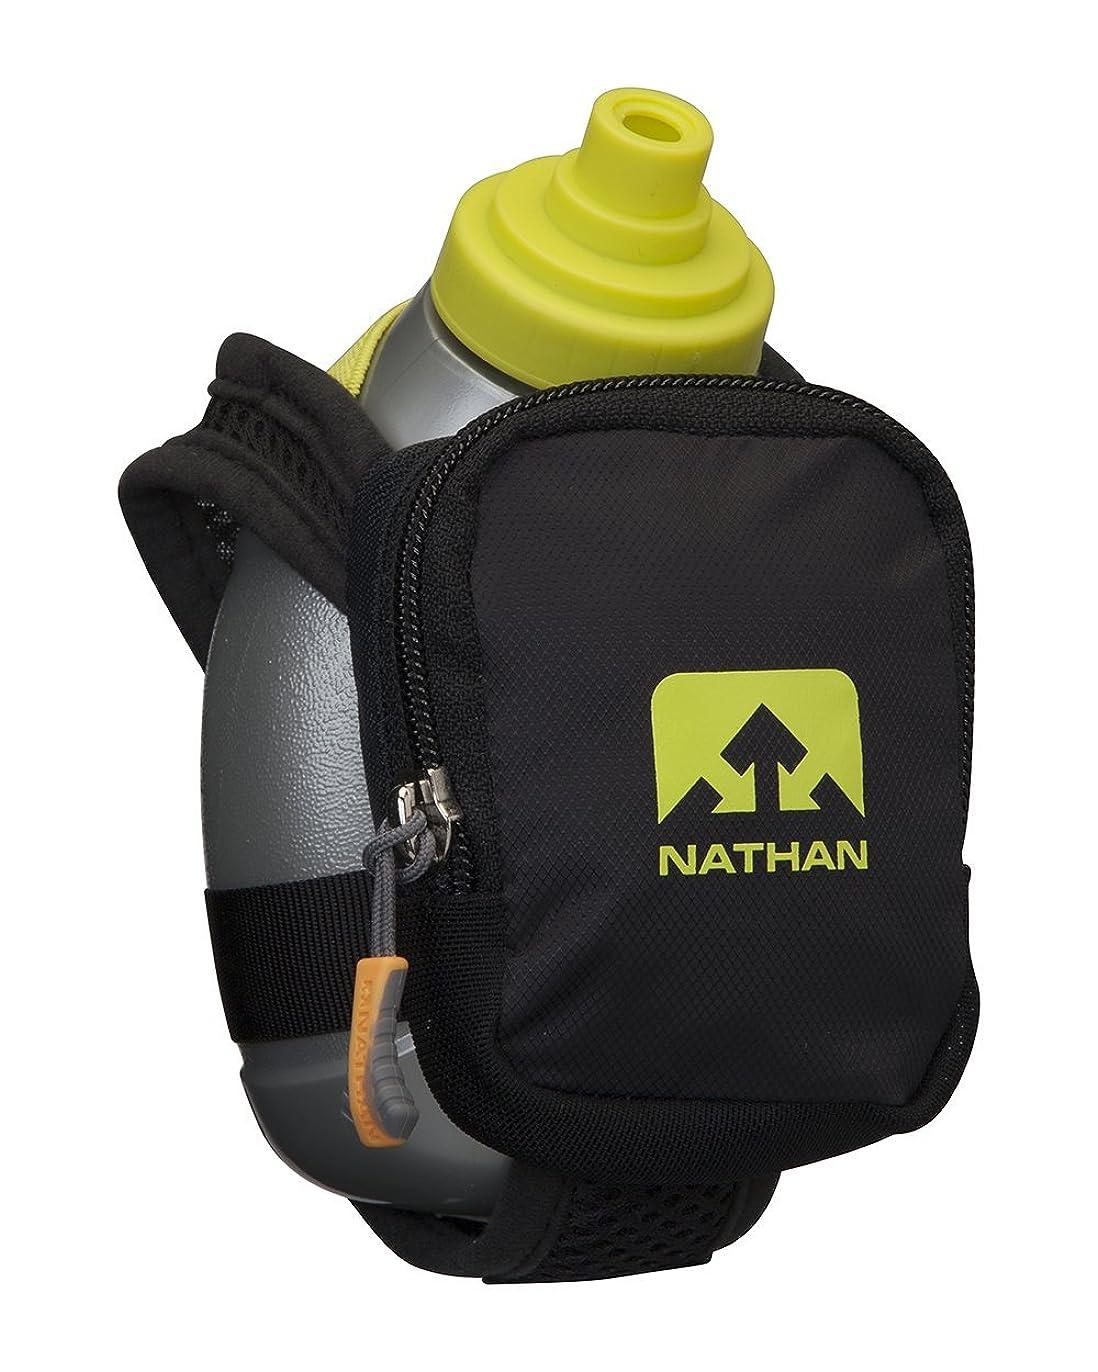 ドラフト符号シェルター[ネイサン] NATHAN ハイドレーションハンドボトル クイックショットプラス ブラックライト